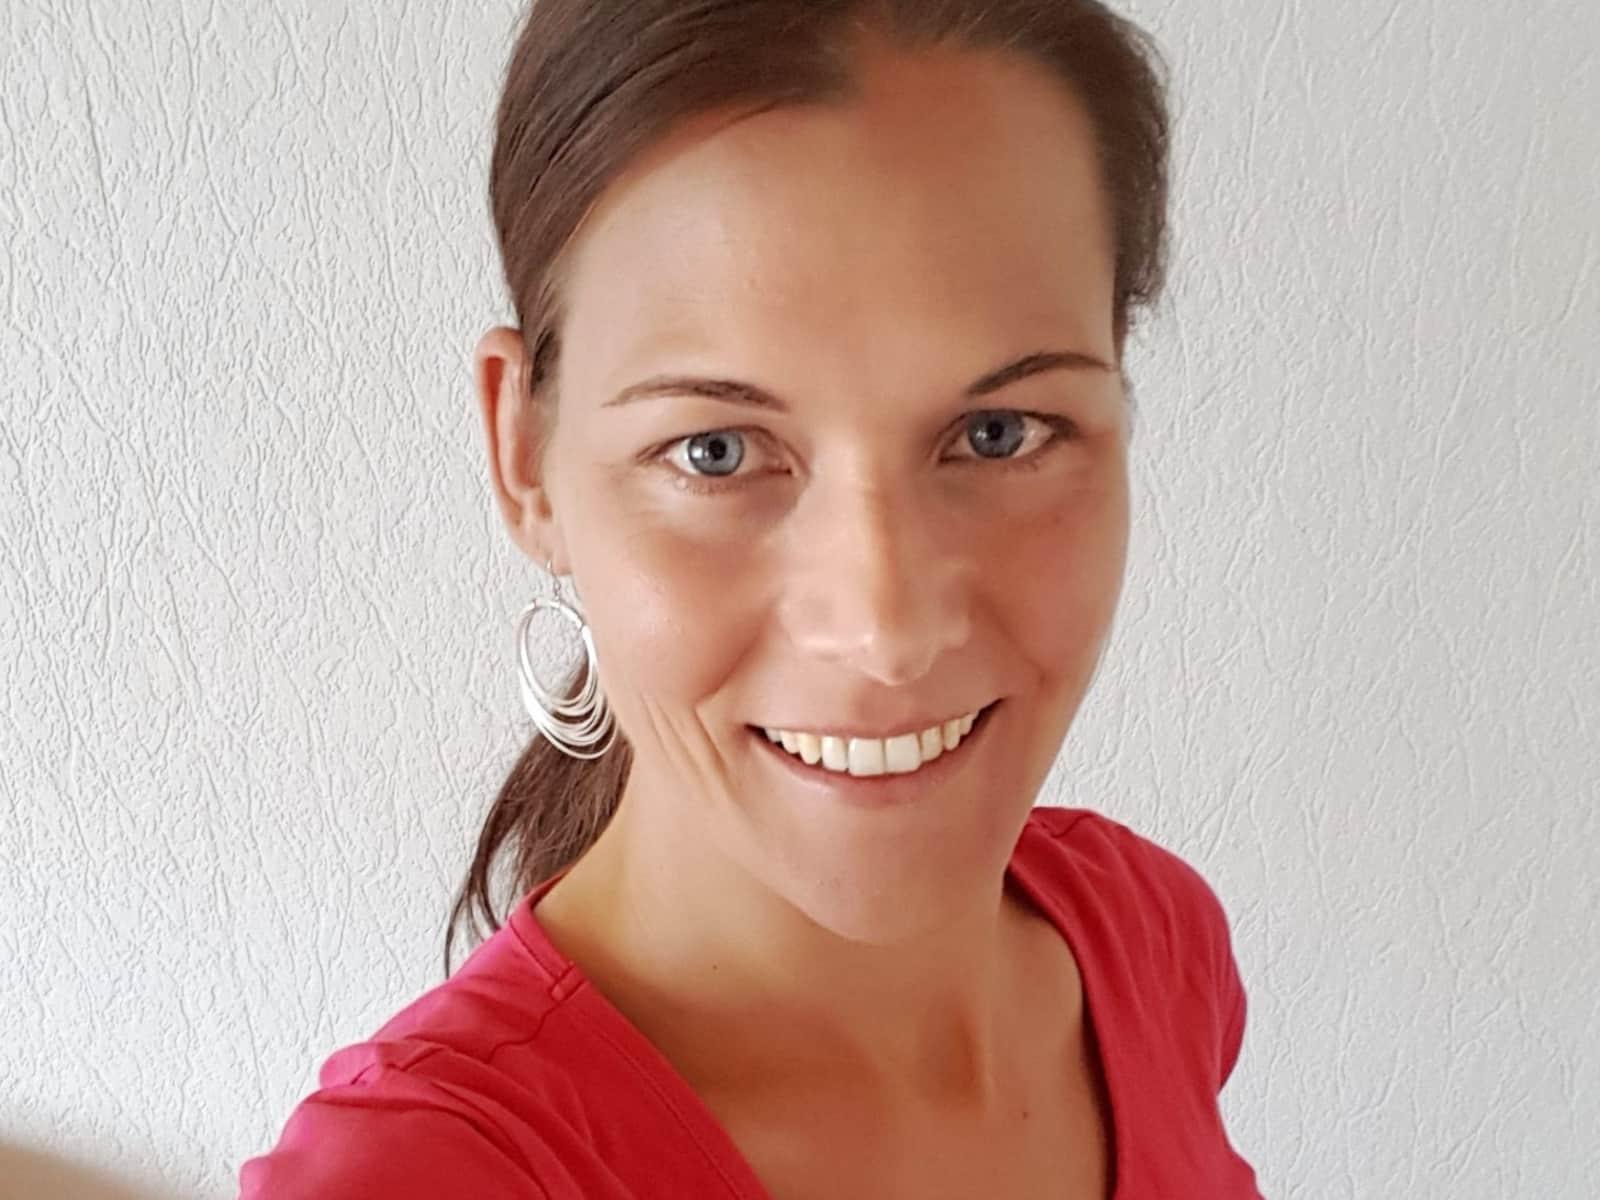 Juliane from Braunschweig, Germany